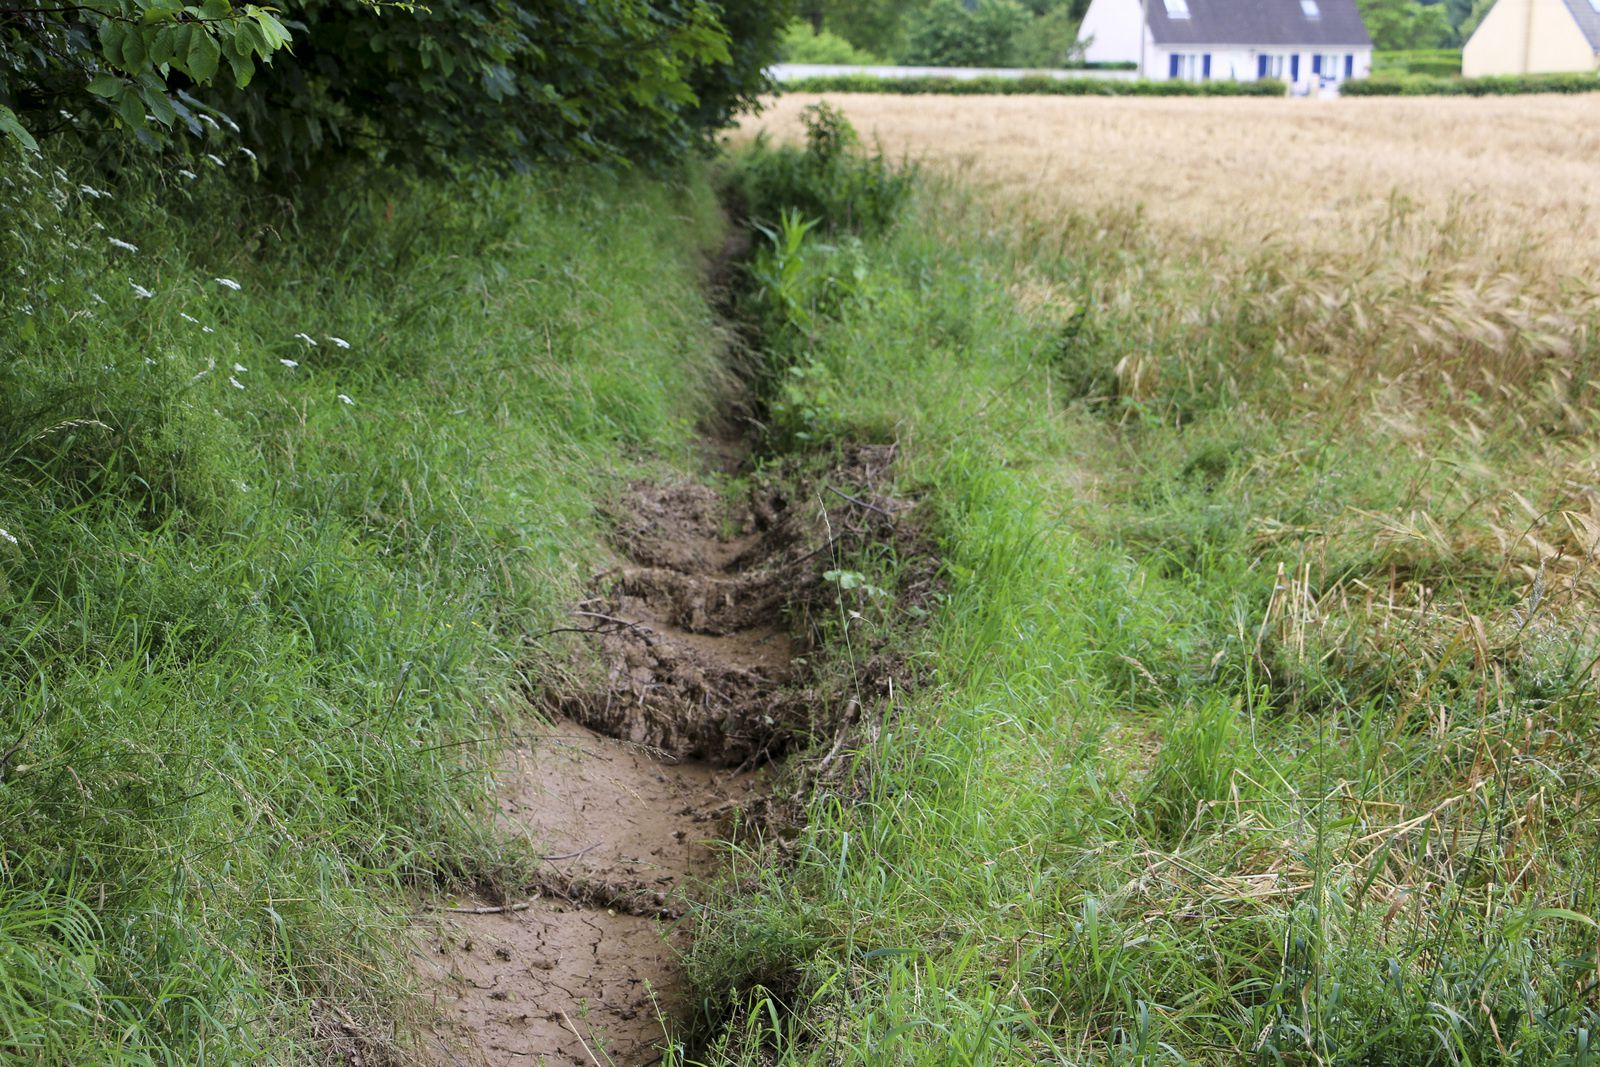 Etat des lieux des fossés après les intempéries.